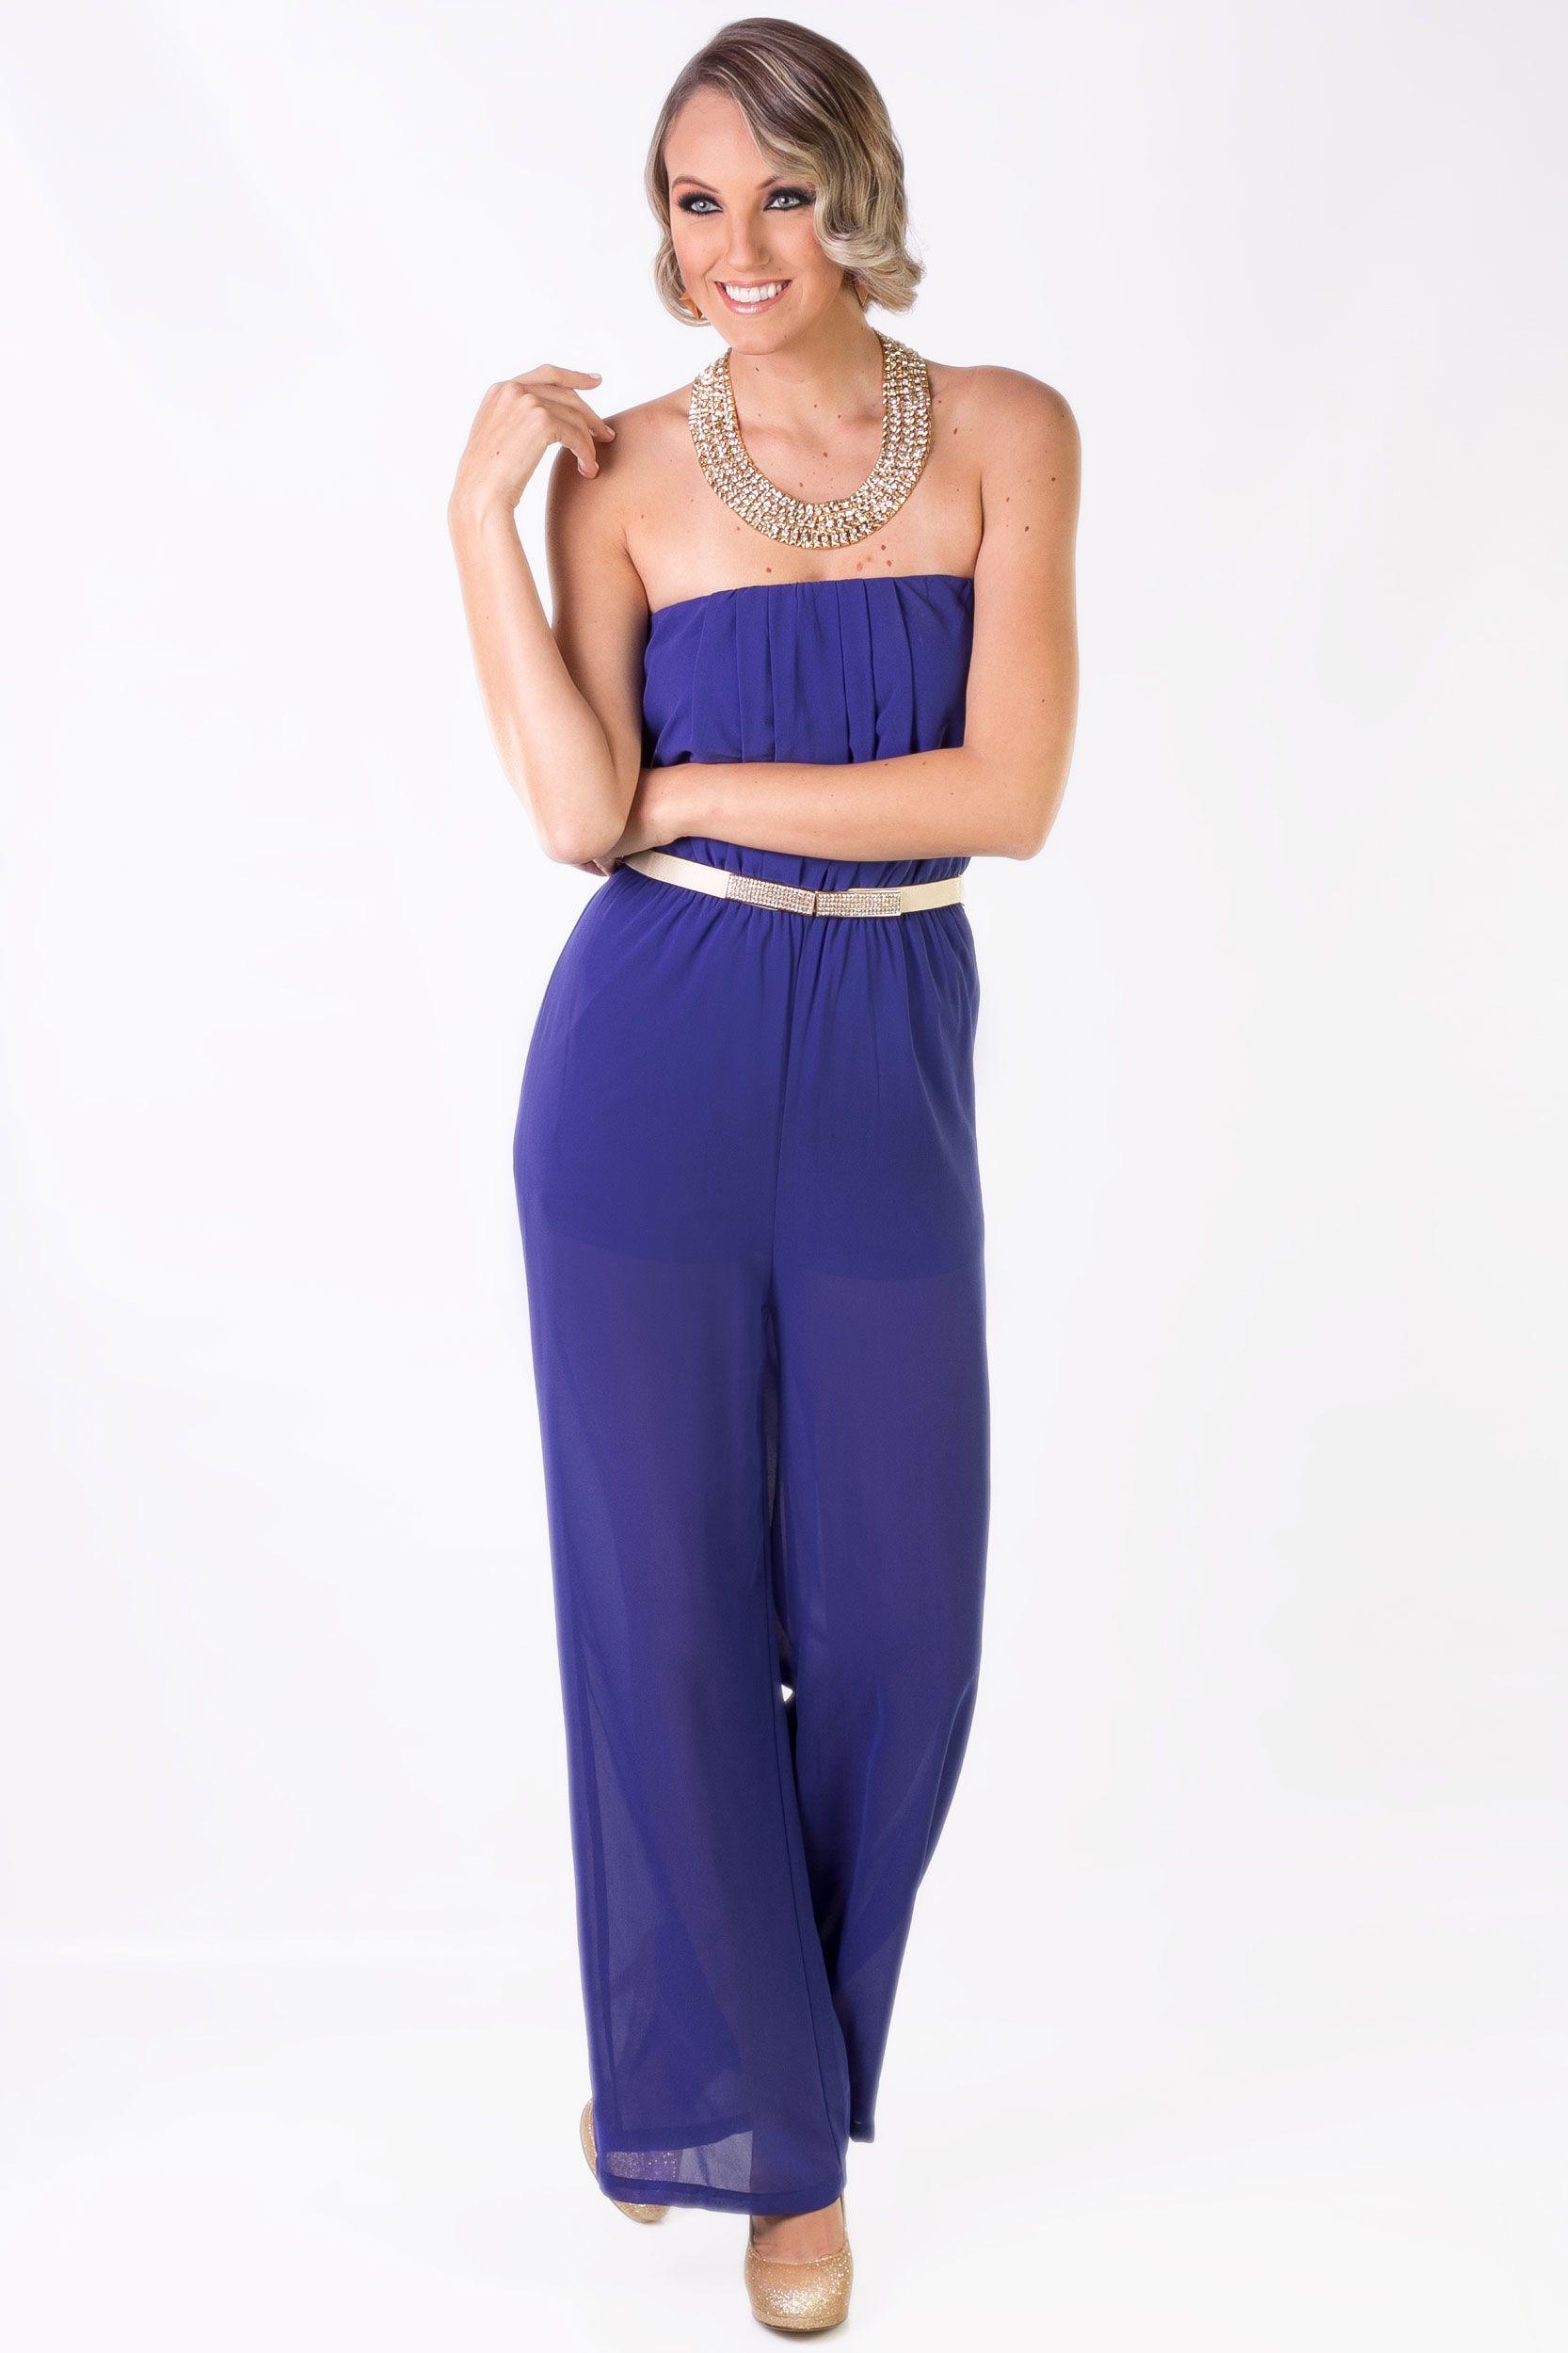 98897ef4a883 La elegancia perfecta es siempre KAMI. Overol Azul  Q.315 Collar Dorado   Q.195 Cincho Beige  Q.95 Zapatos Dorados  Q.295